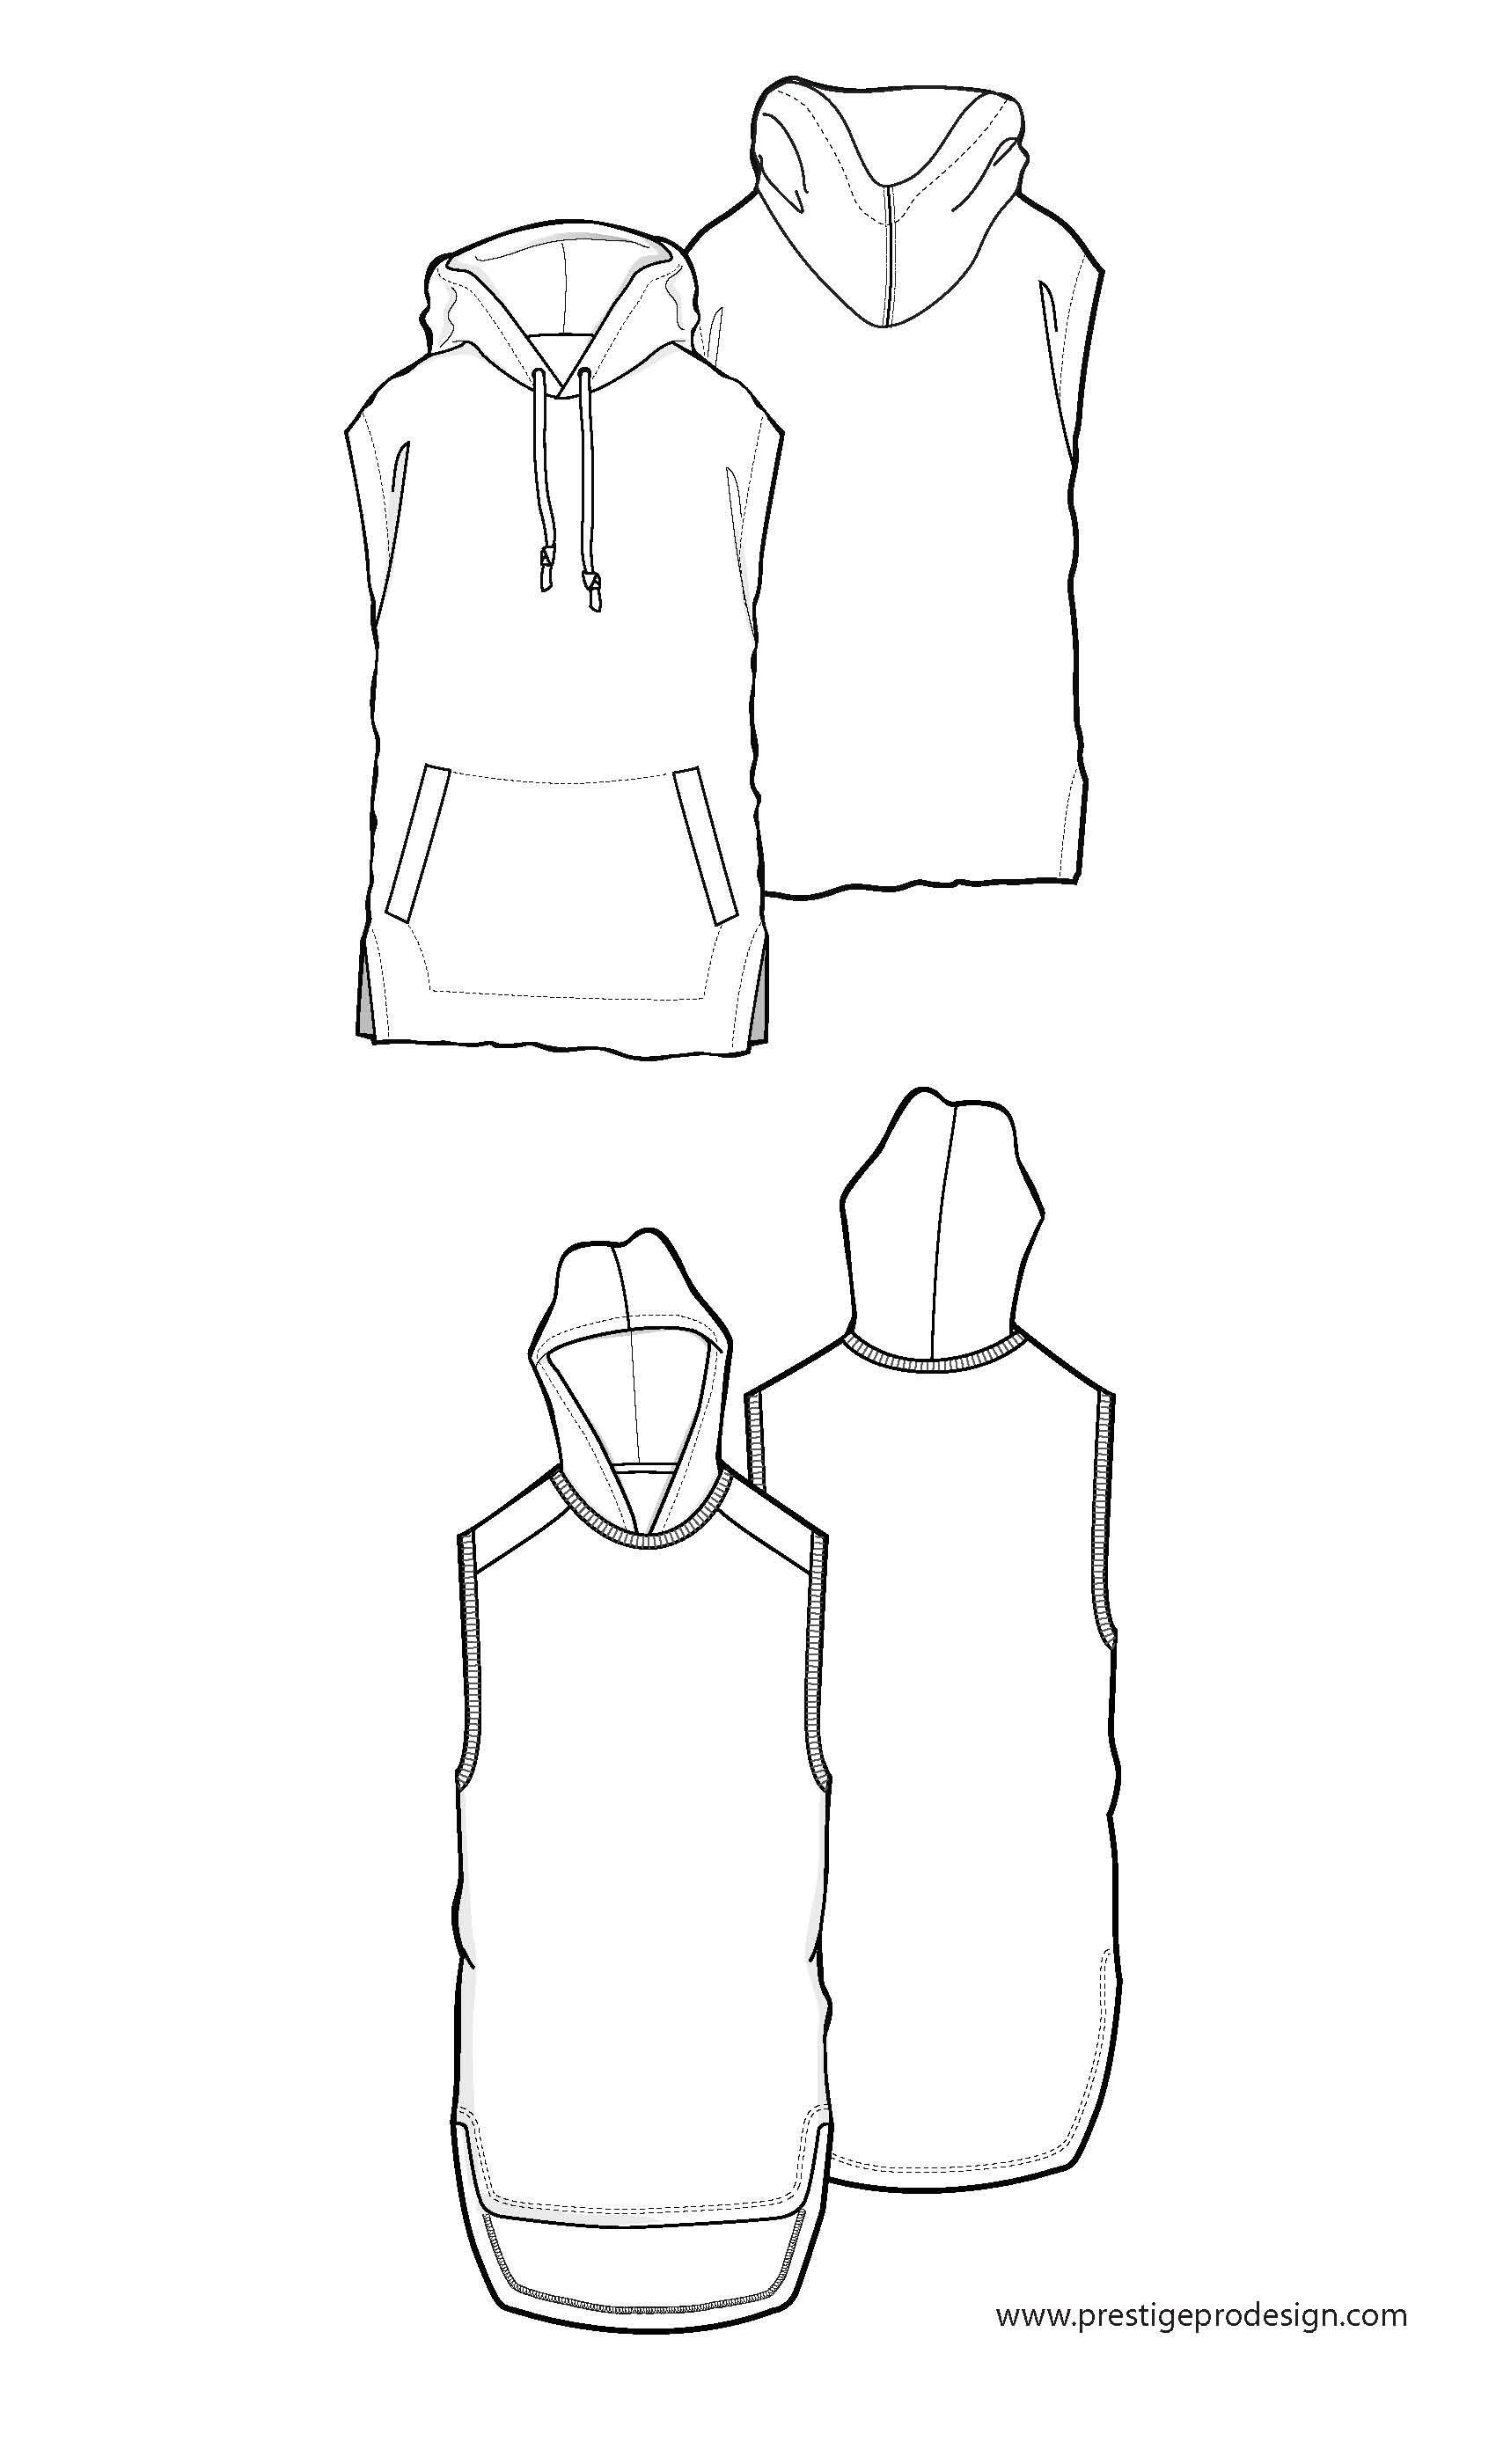 Sleeveless, hooded | Flat Pack Illustration | Pinterest | Modetrends ...